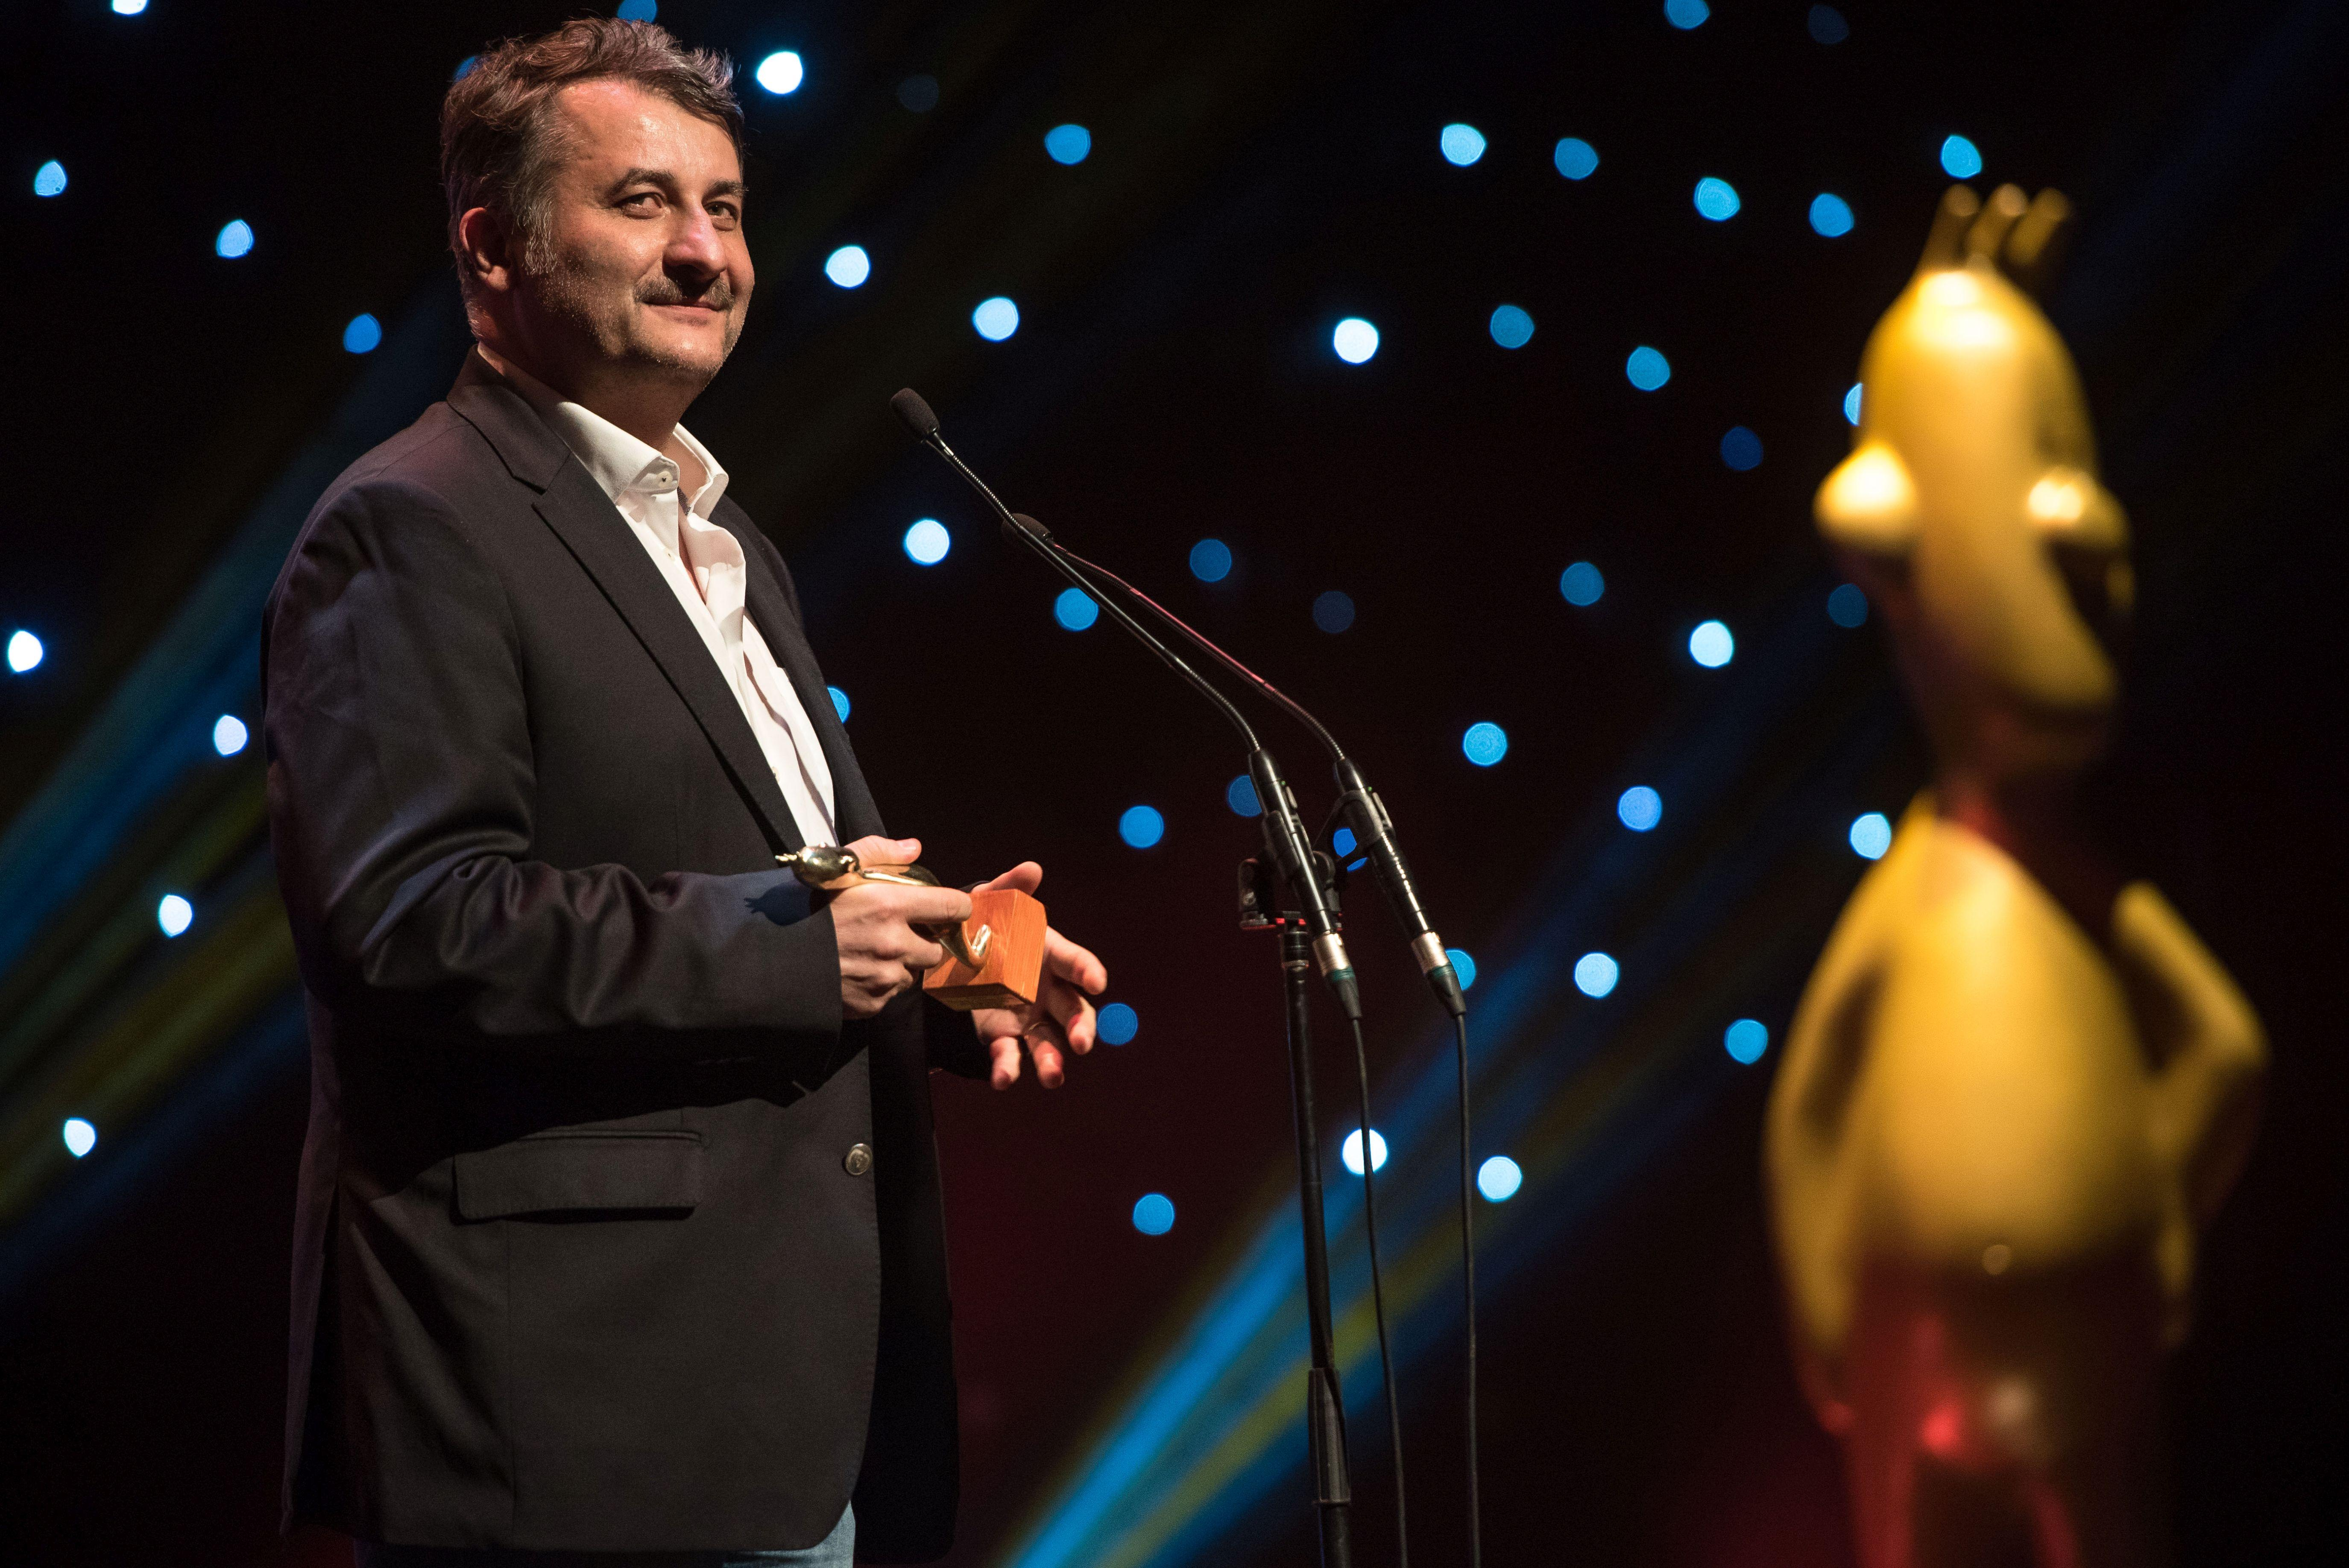 Un român, membru în juriul Festivalului de Film de la Veneţia. Regizorul Cristi Puiu, performanță de excepție în cinematografie